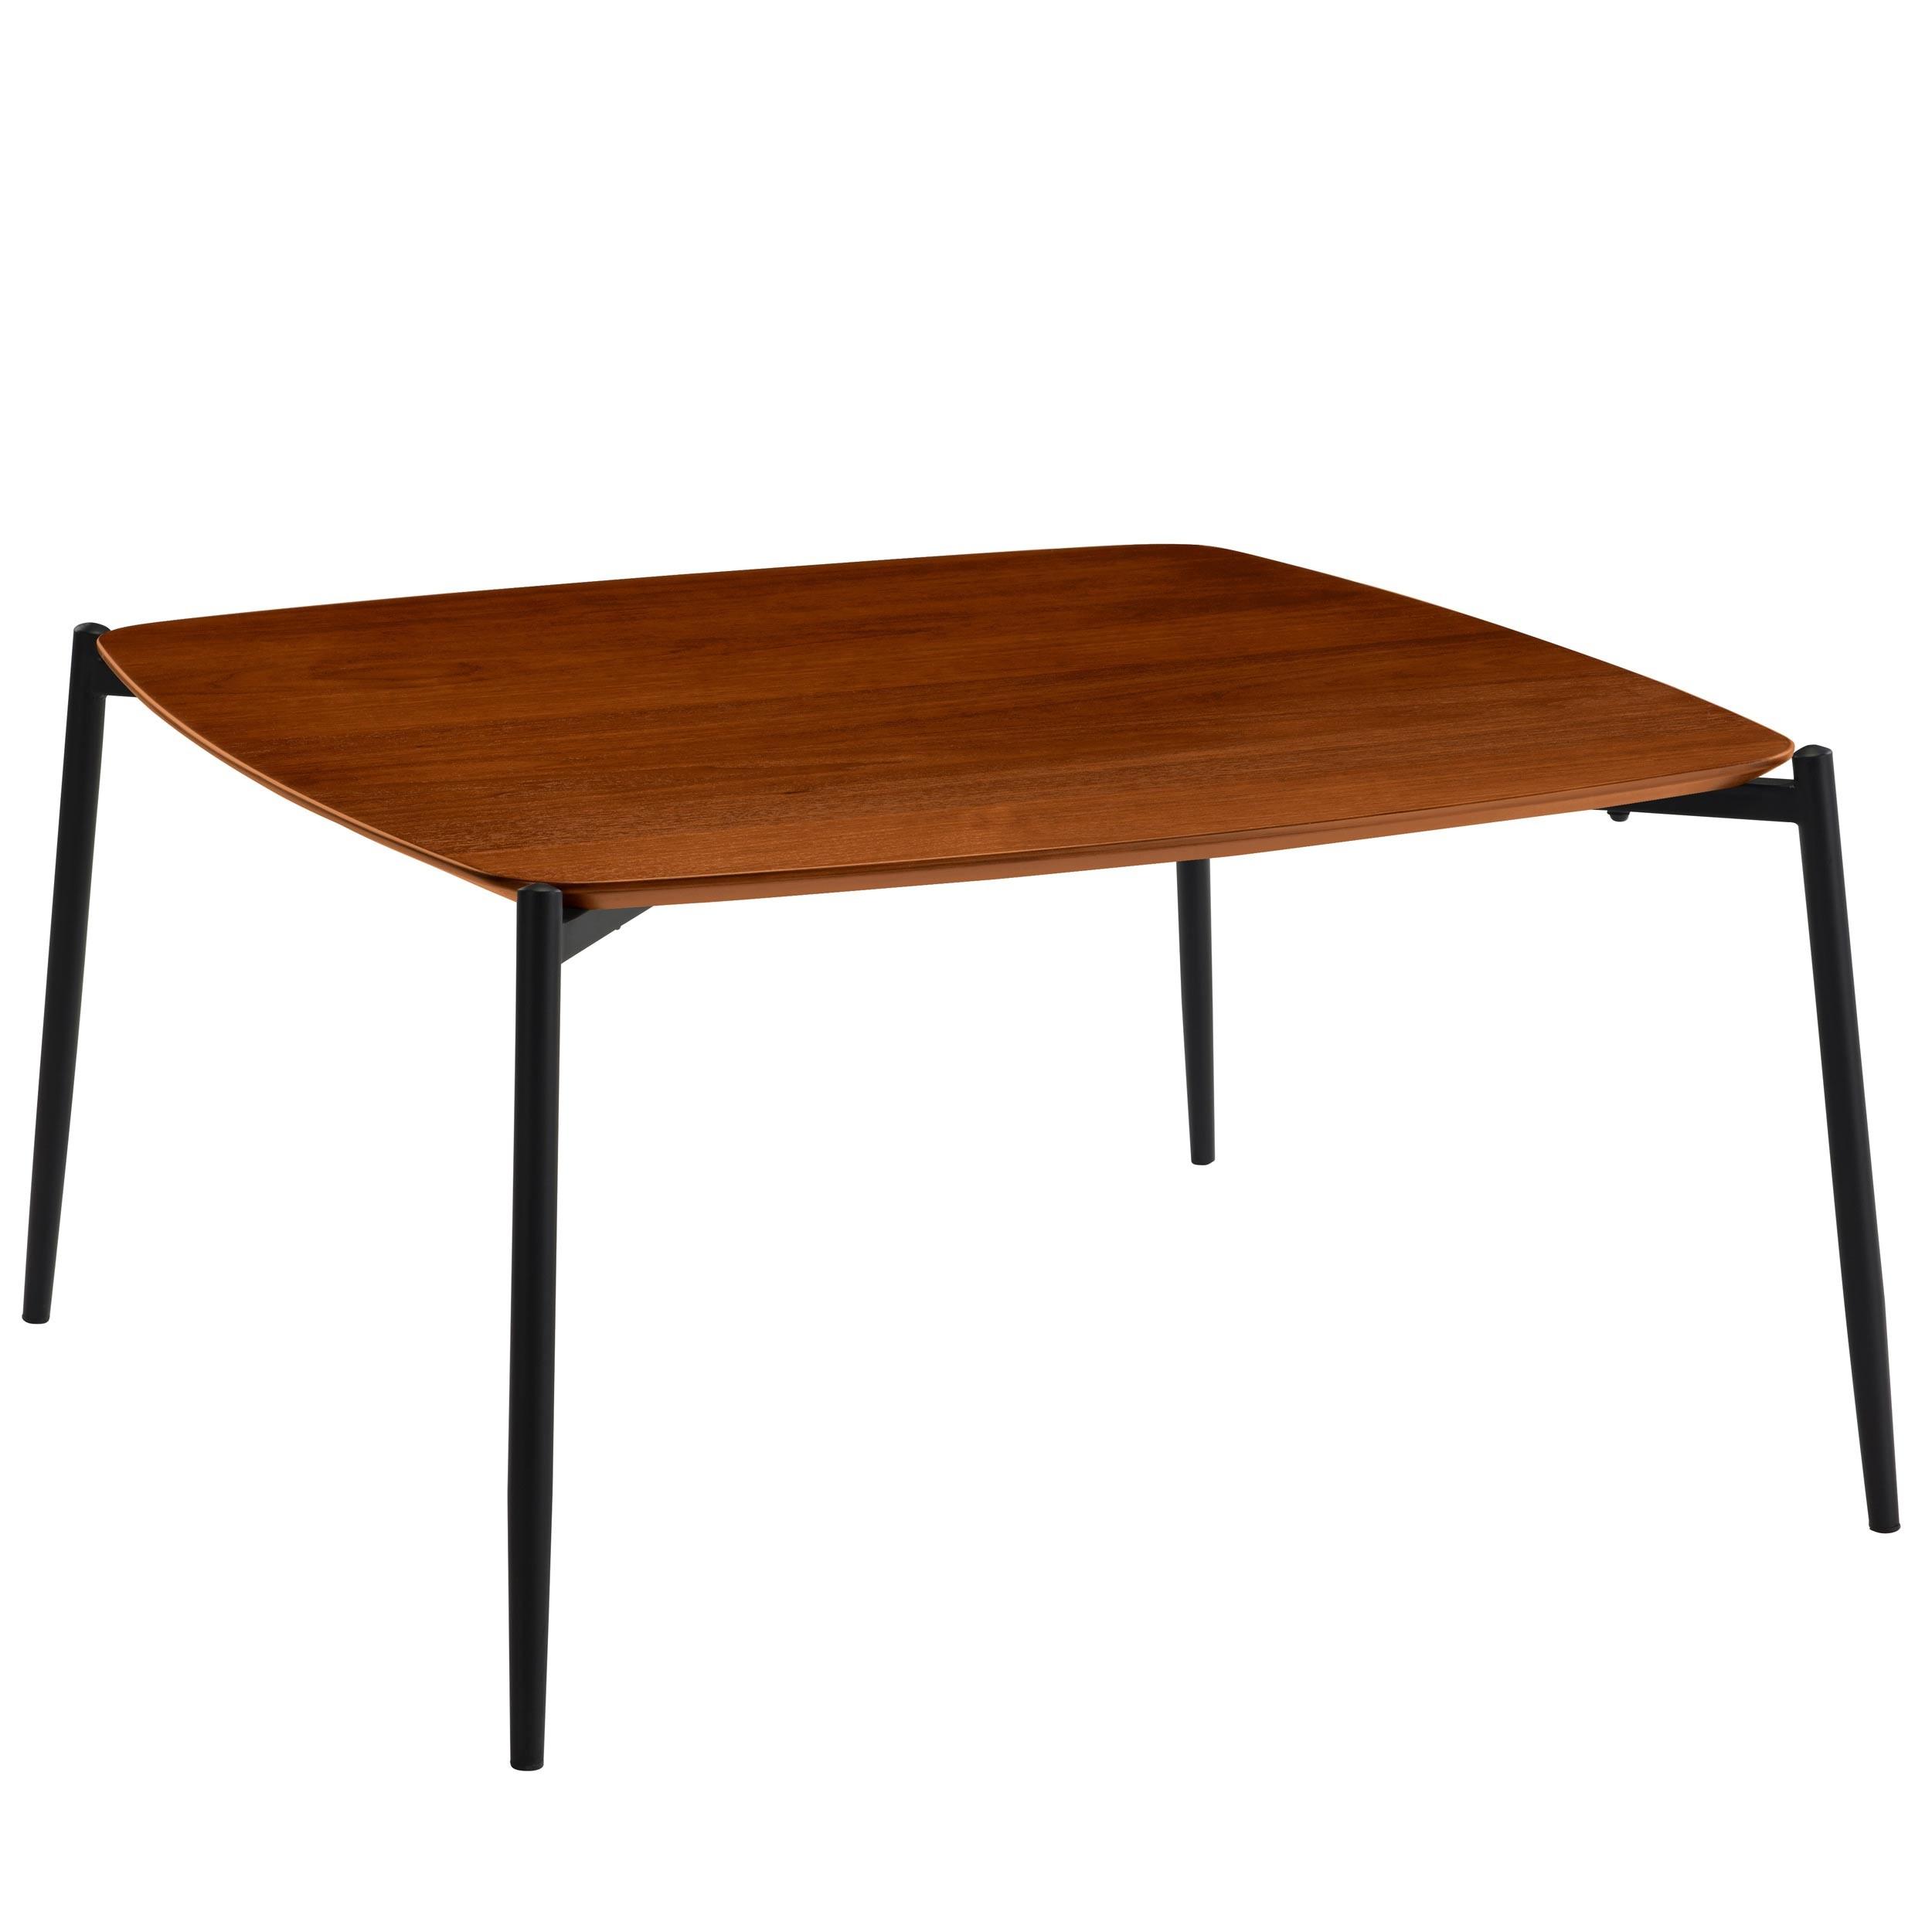 acheter table basse design diametre 80